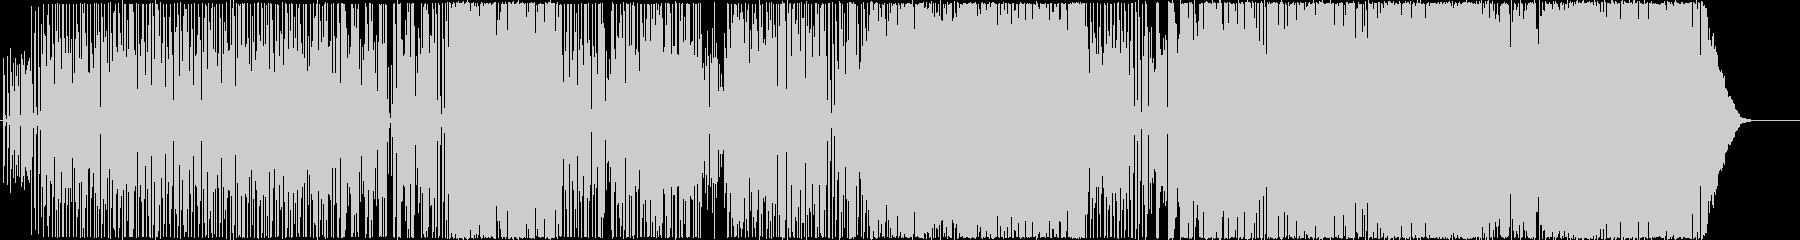 サニー・サイドアップの未再生の波形